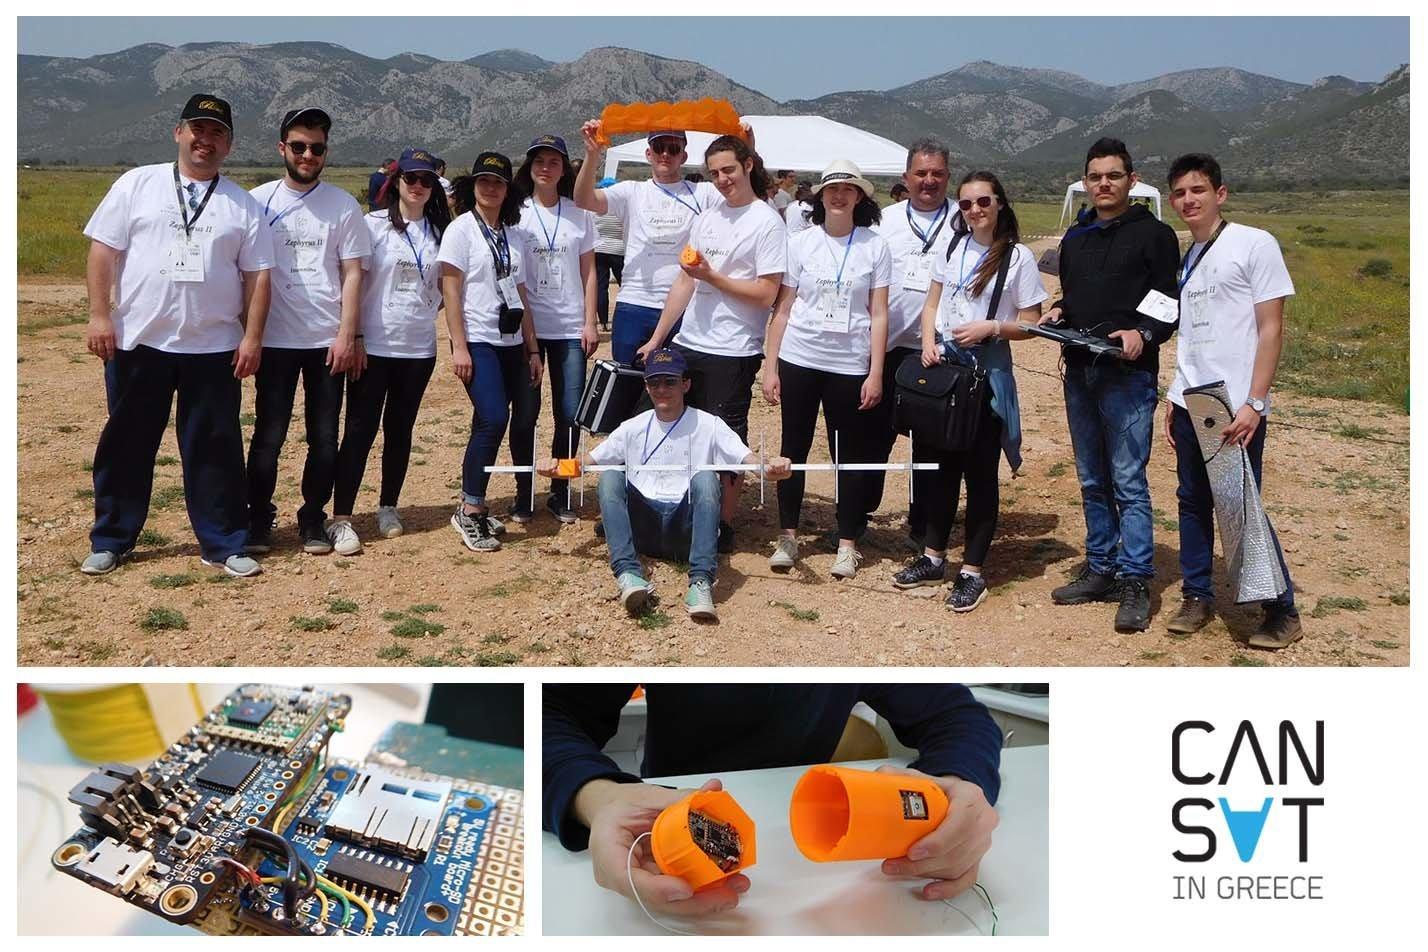 Μαθητές από τα Γιάννενα στην πρώτη θέση του πανελλήνιου διαστημικού διαγωνισμού Cansat in